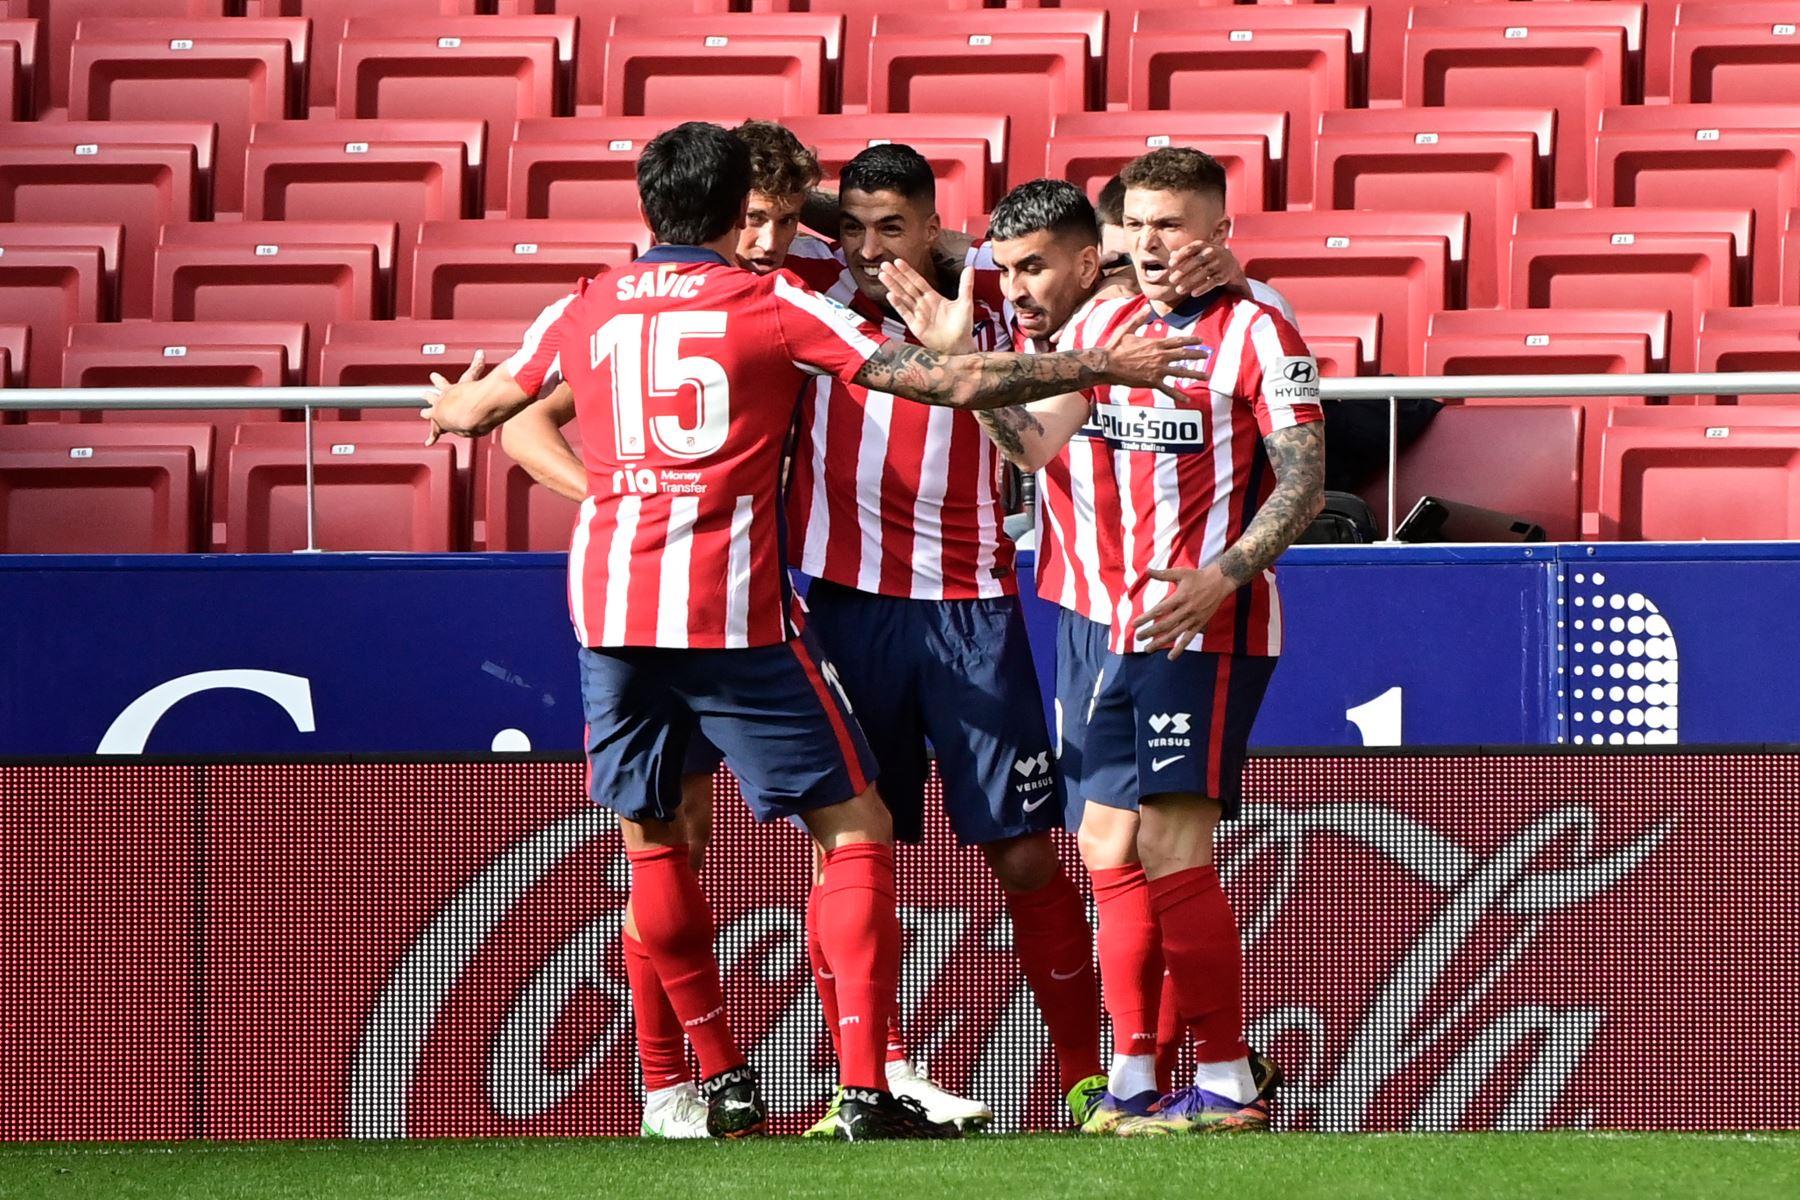 El delantero uruguayo del Atlético de Madrid Luis Suárez celebra con sus compañeros tras anotar durante el partido de fútbol de la liga española Club Atlético de Madrid contra el Real Madrid. Foto: AFP